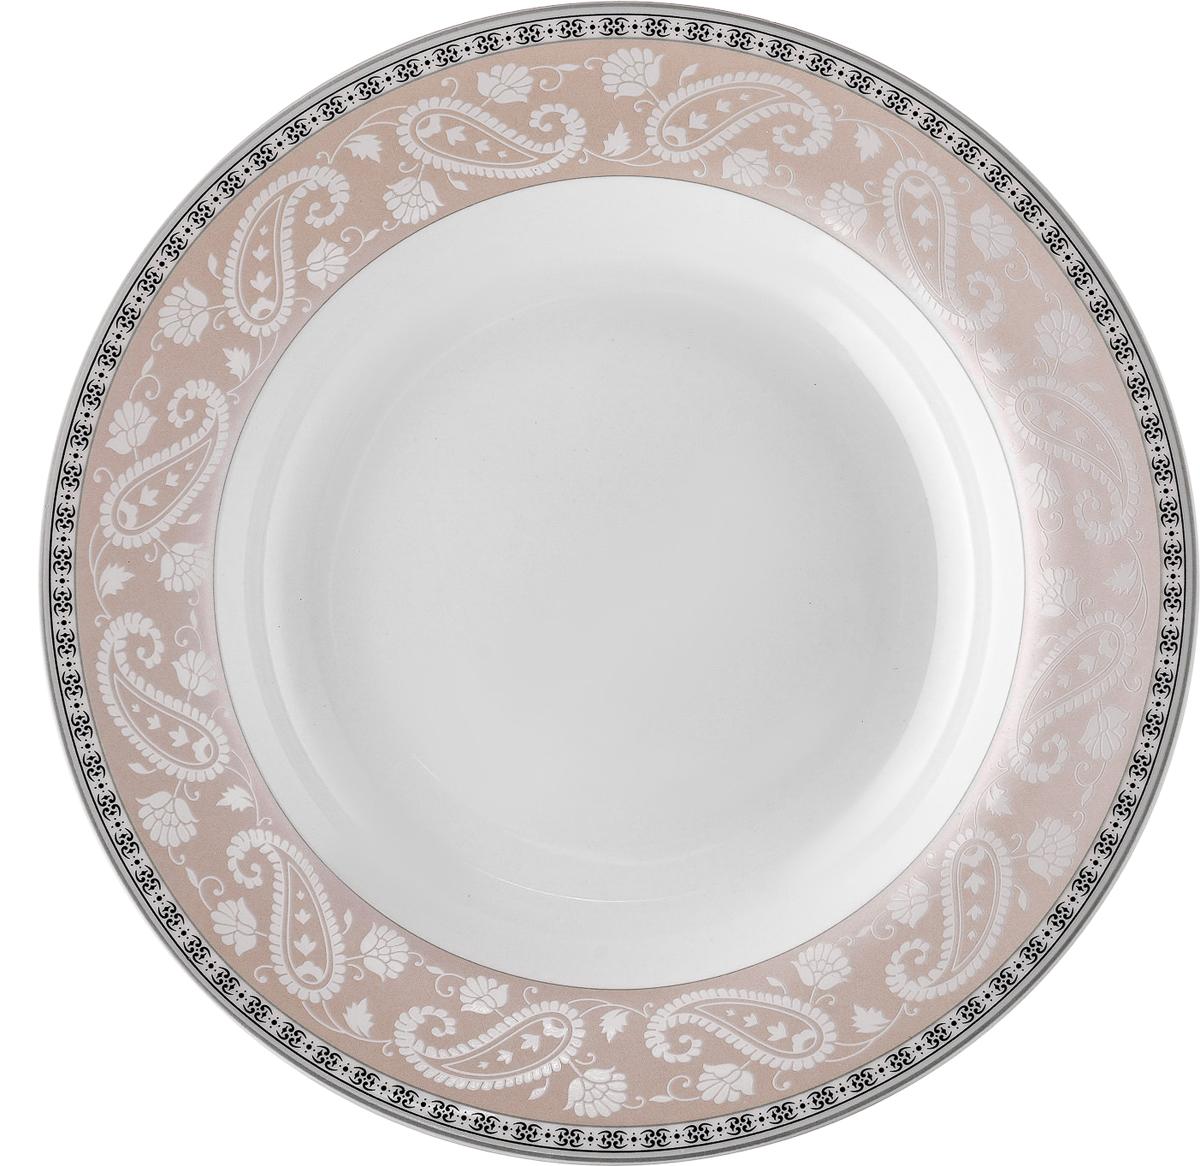 Набор обеденных тарелок Esprado Arista Rose, диаметр 22,5 см, 6 шт посуда из фарфора оптом